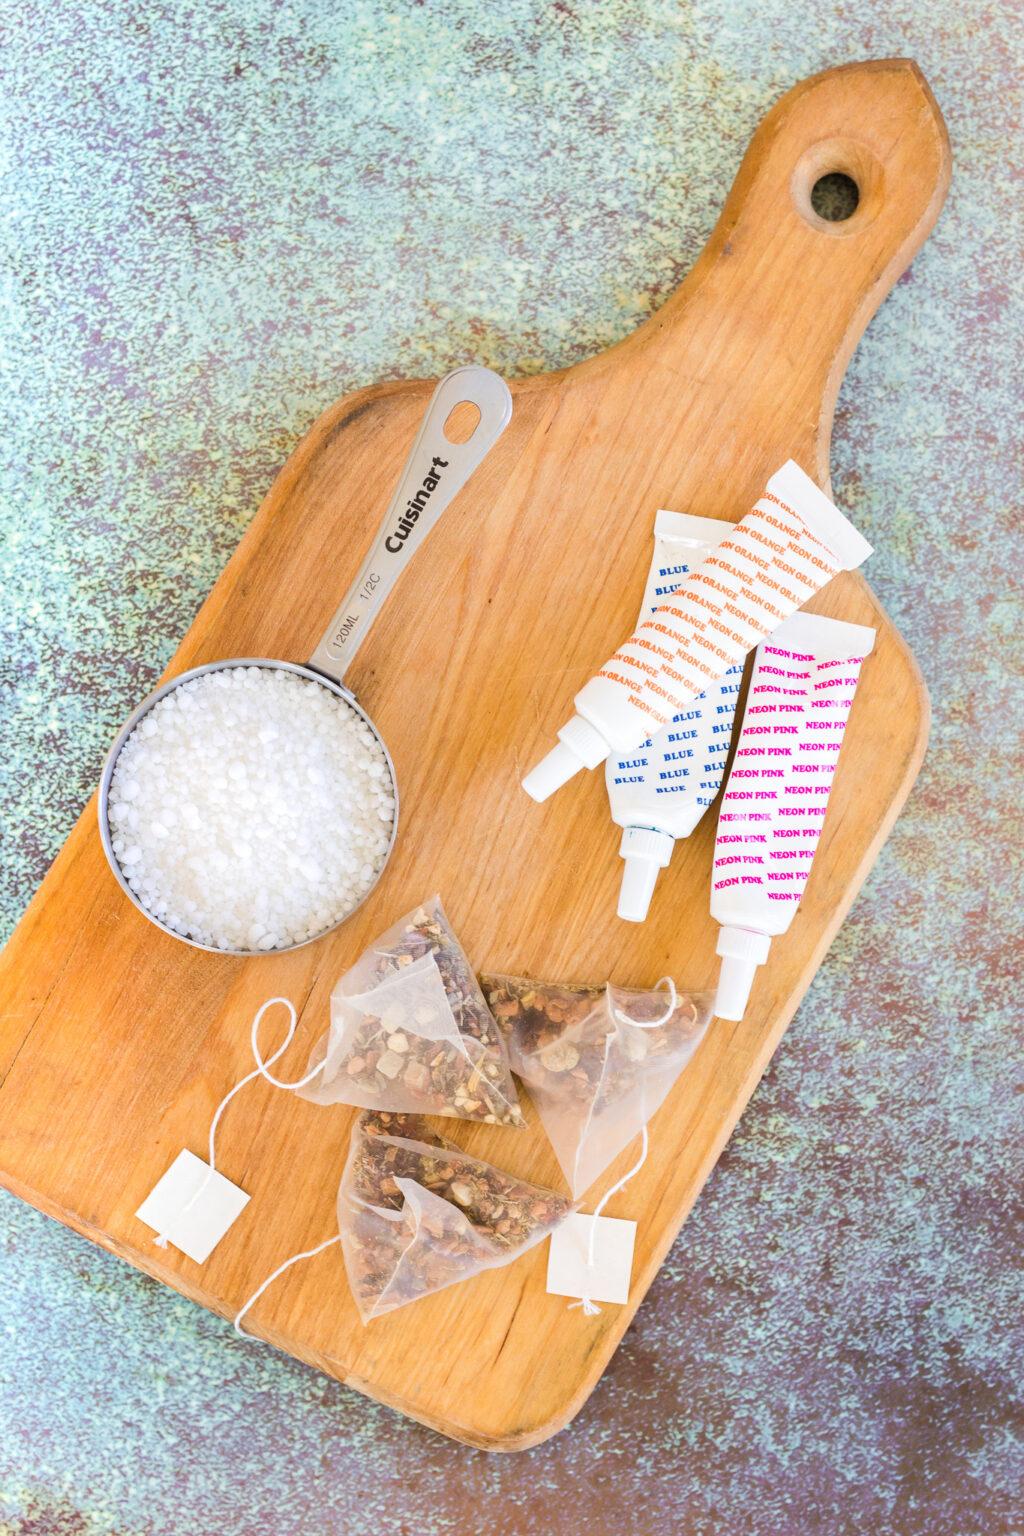 tea bomb ingredients on table